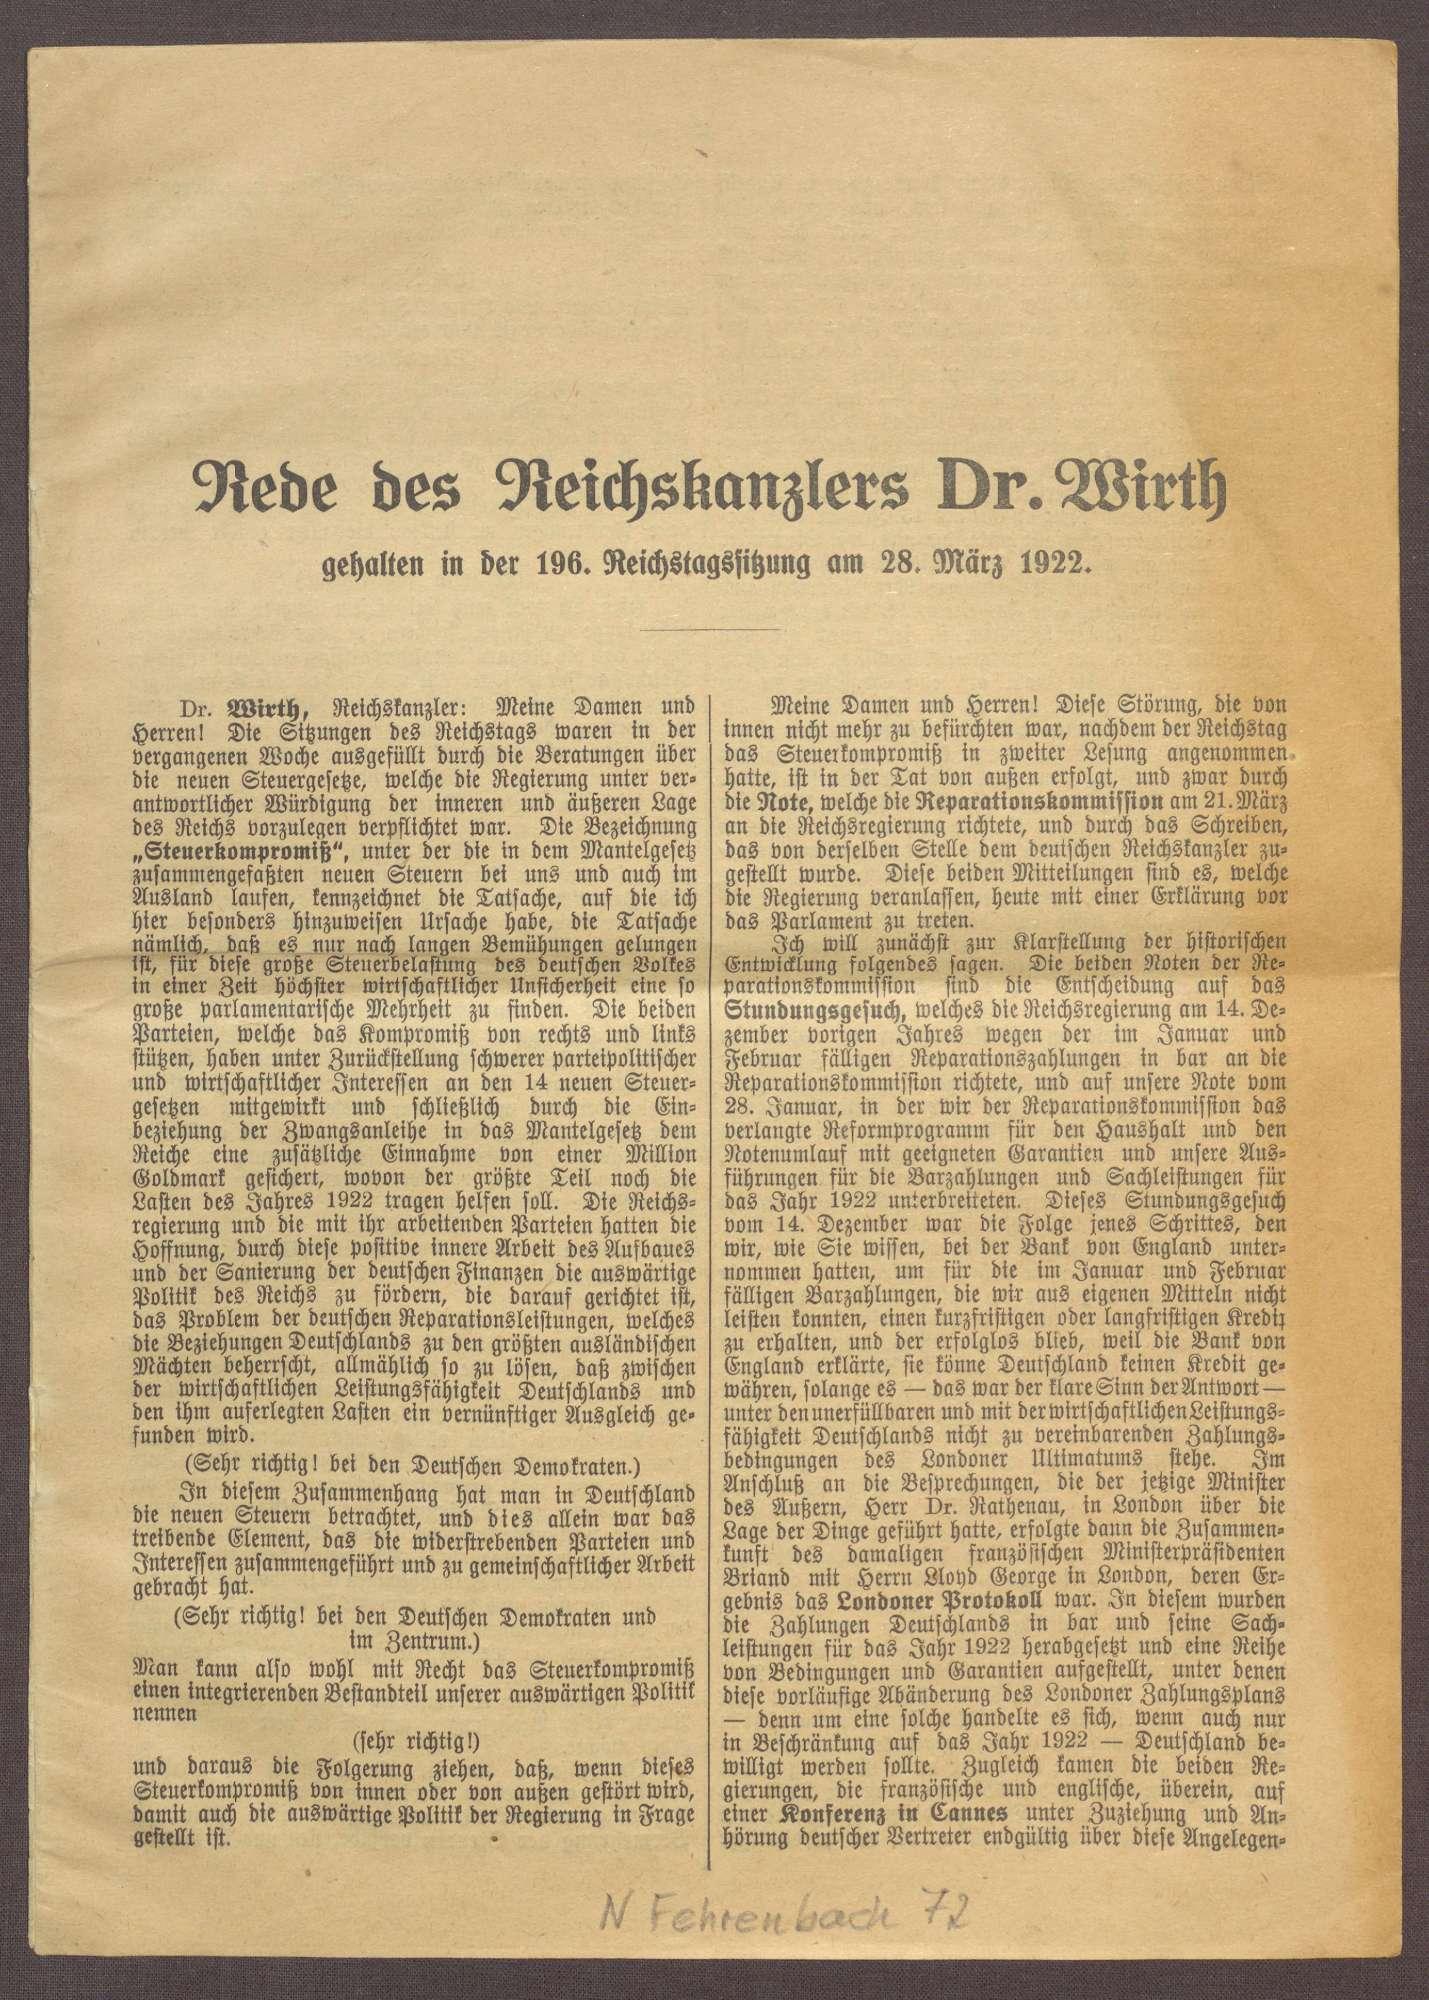 Reichstagsrede von Joseph Wirth zu den Reparationszahlungen Deutschlands, Bild 1